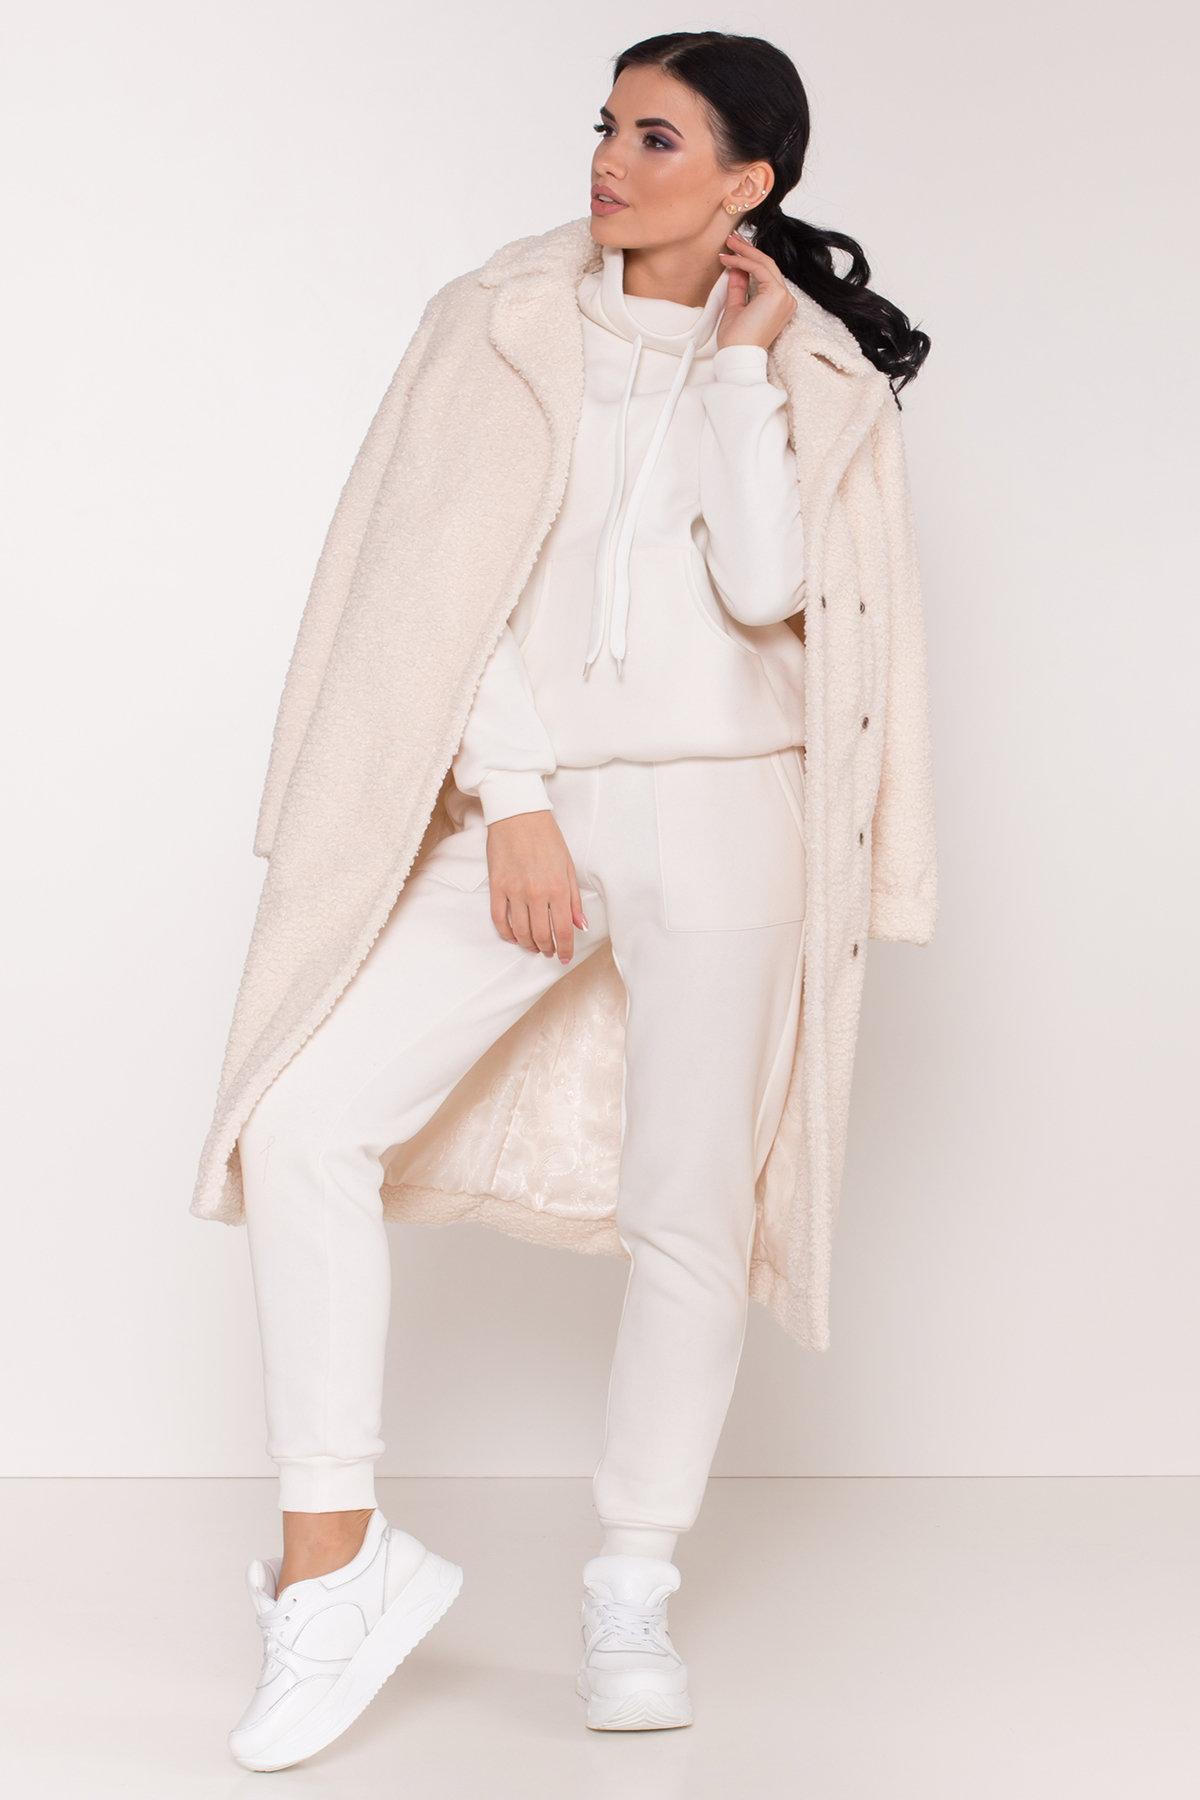 Пальто из эко меха Приора 8564 АРТ. 44887 Цвет: Молоко - фото 3, интернет магазин tm-modus.ru